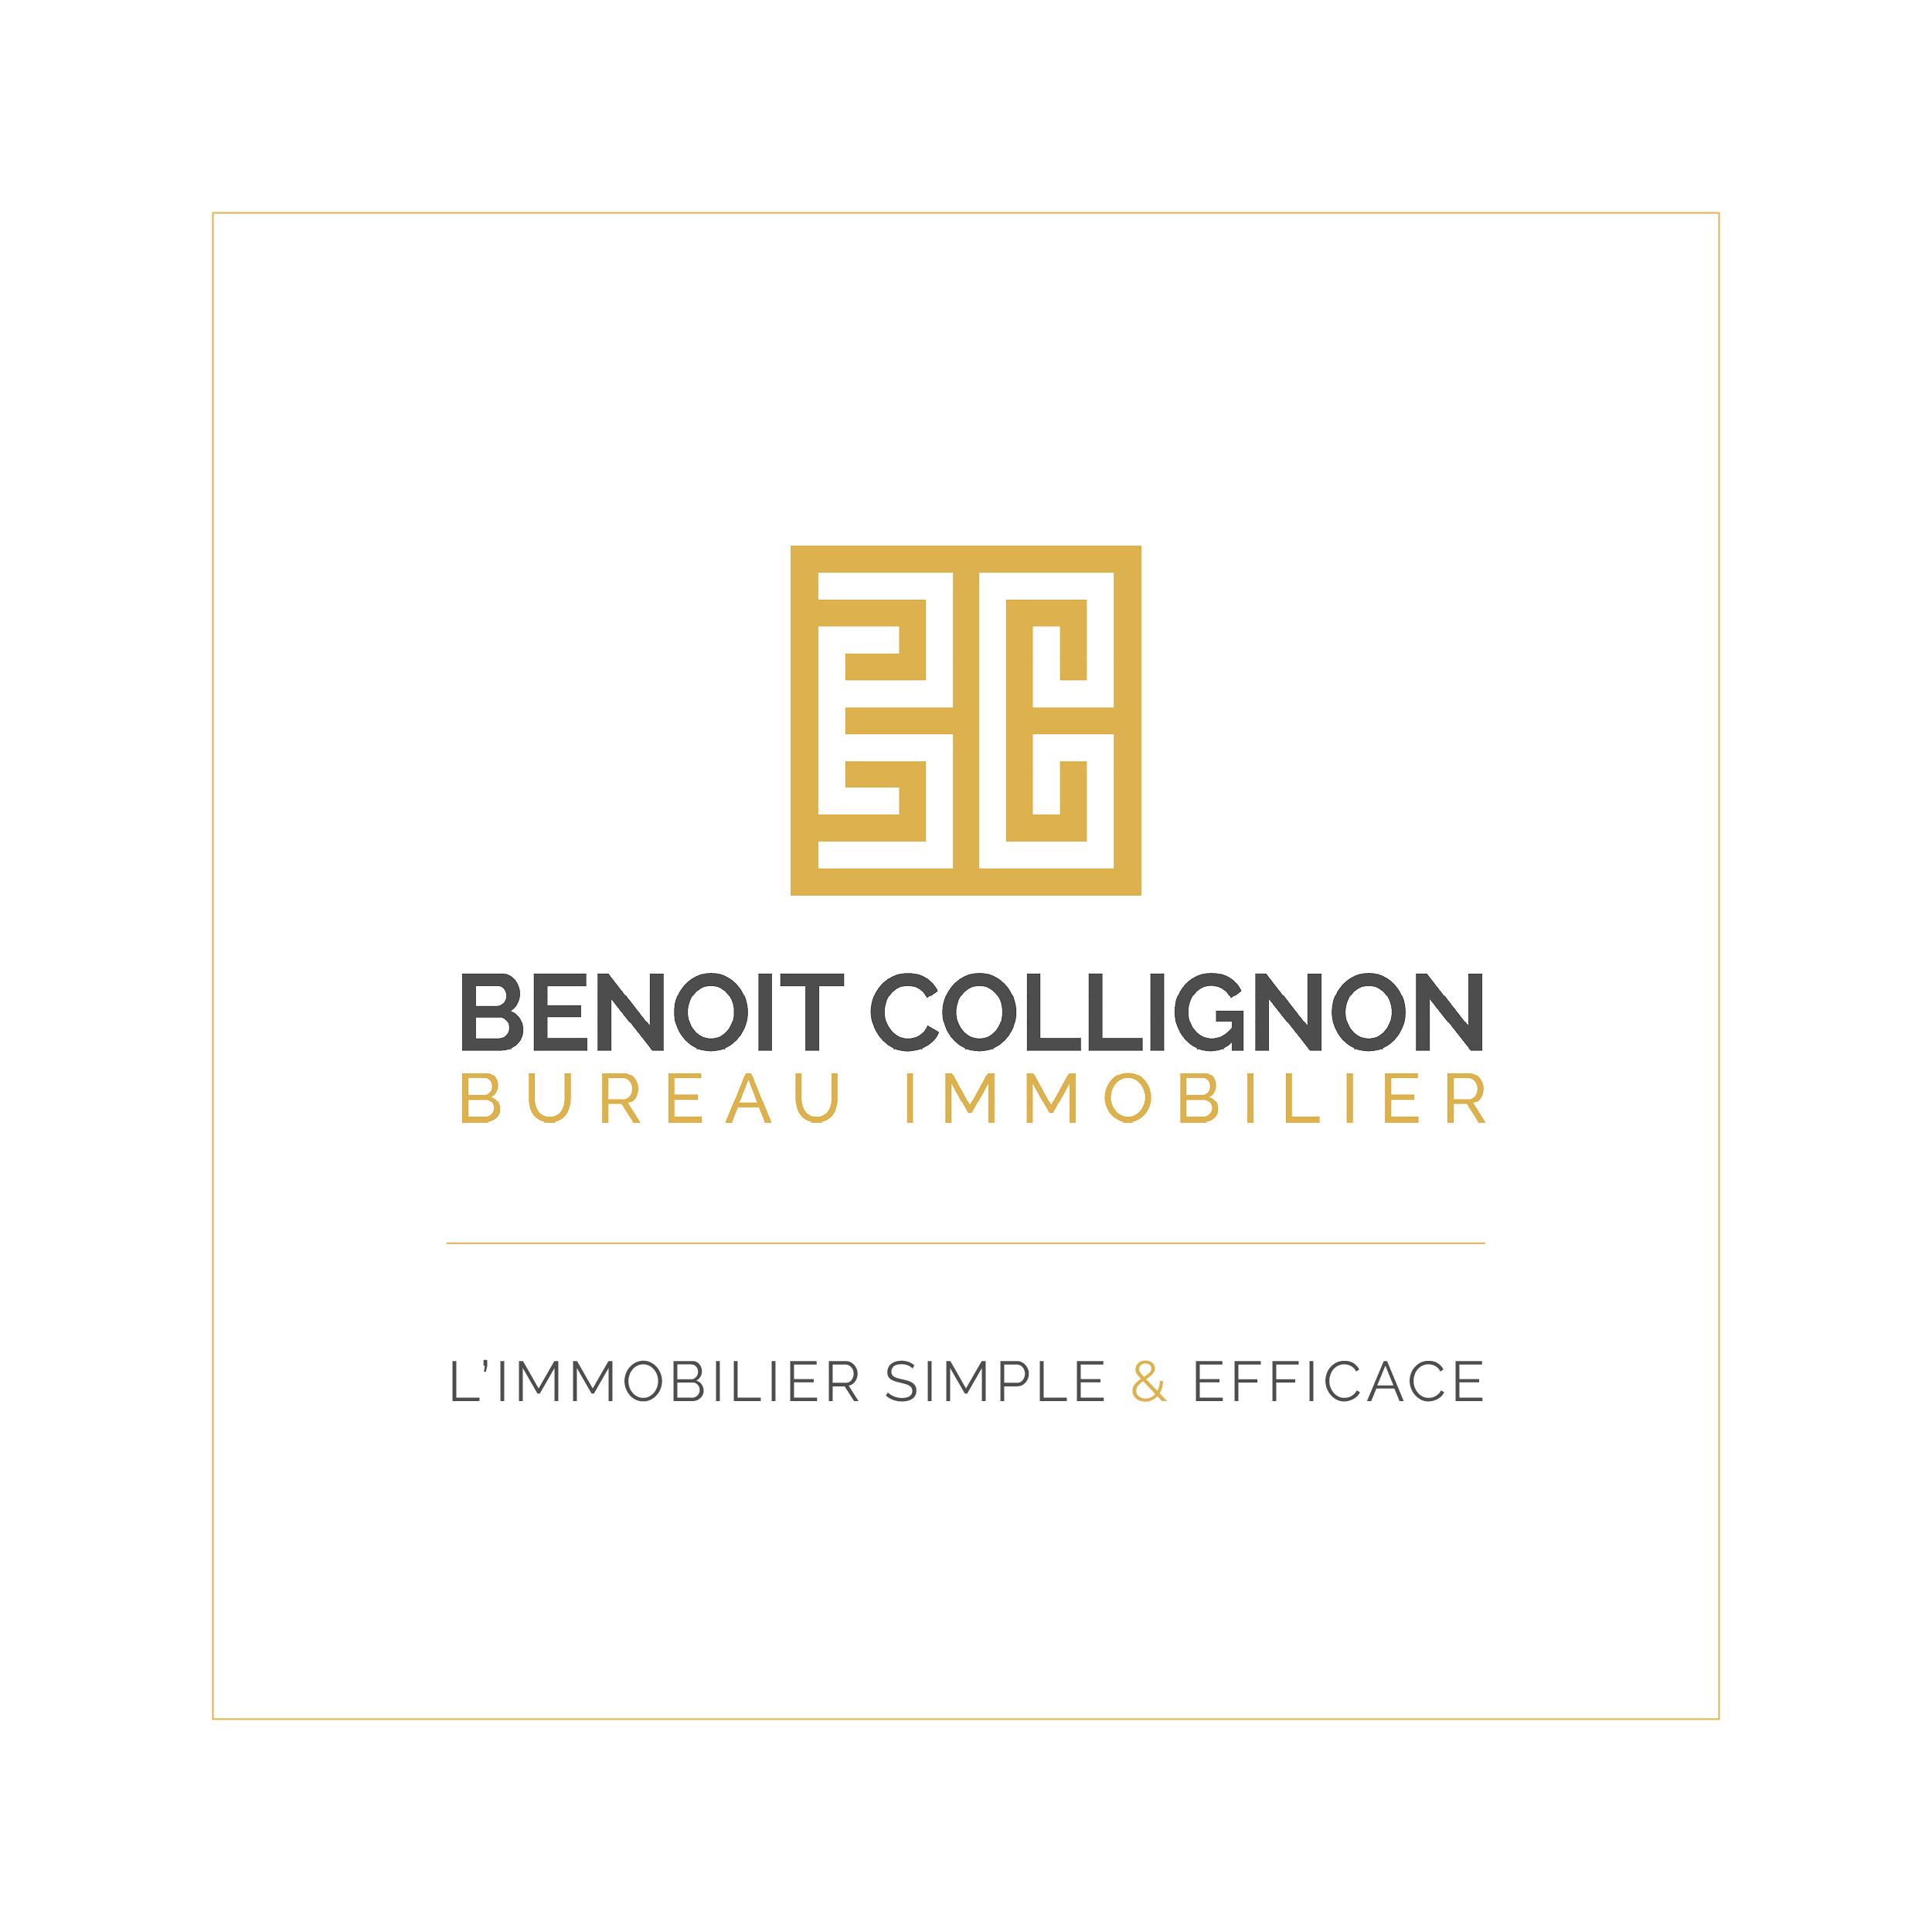 Benoit Collignon Bureau Immobilier